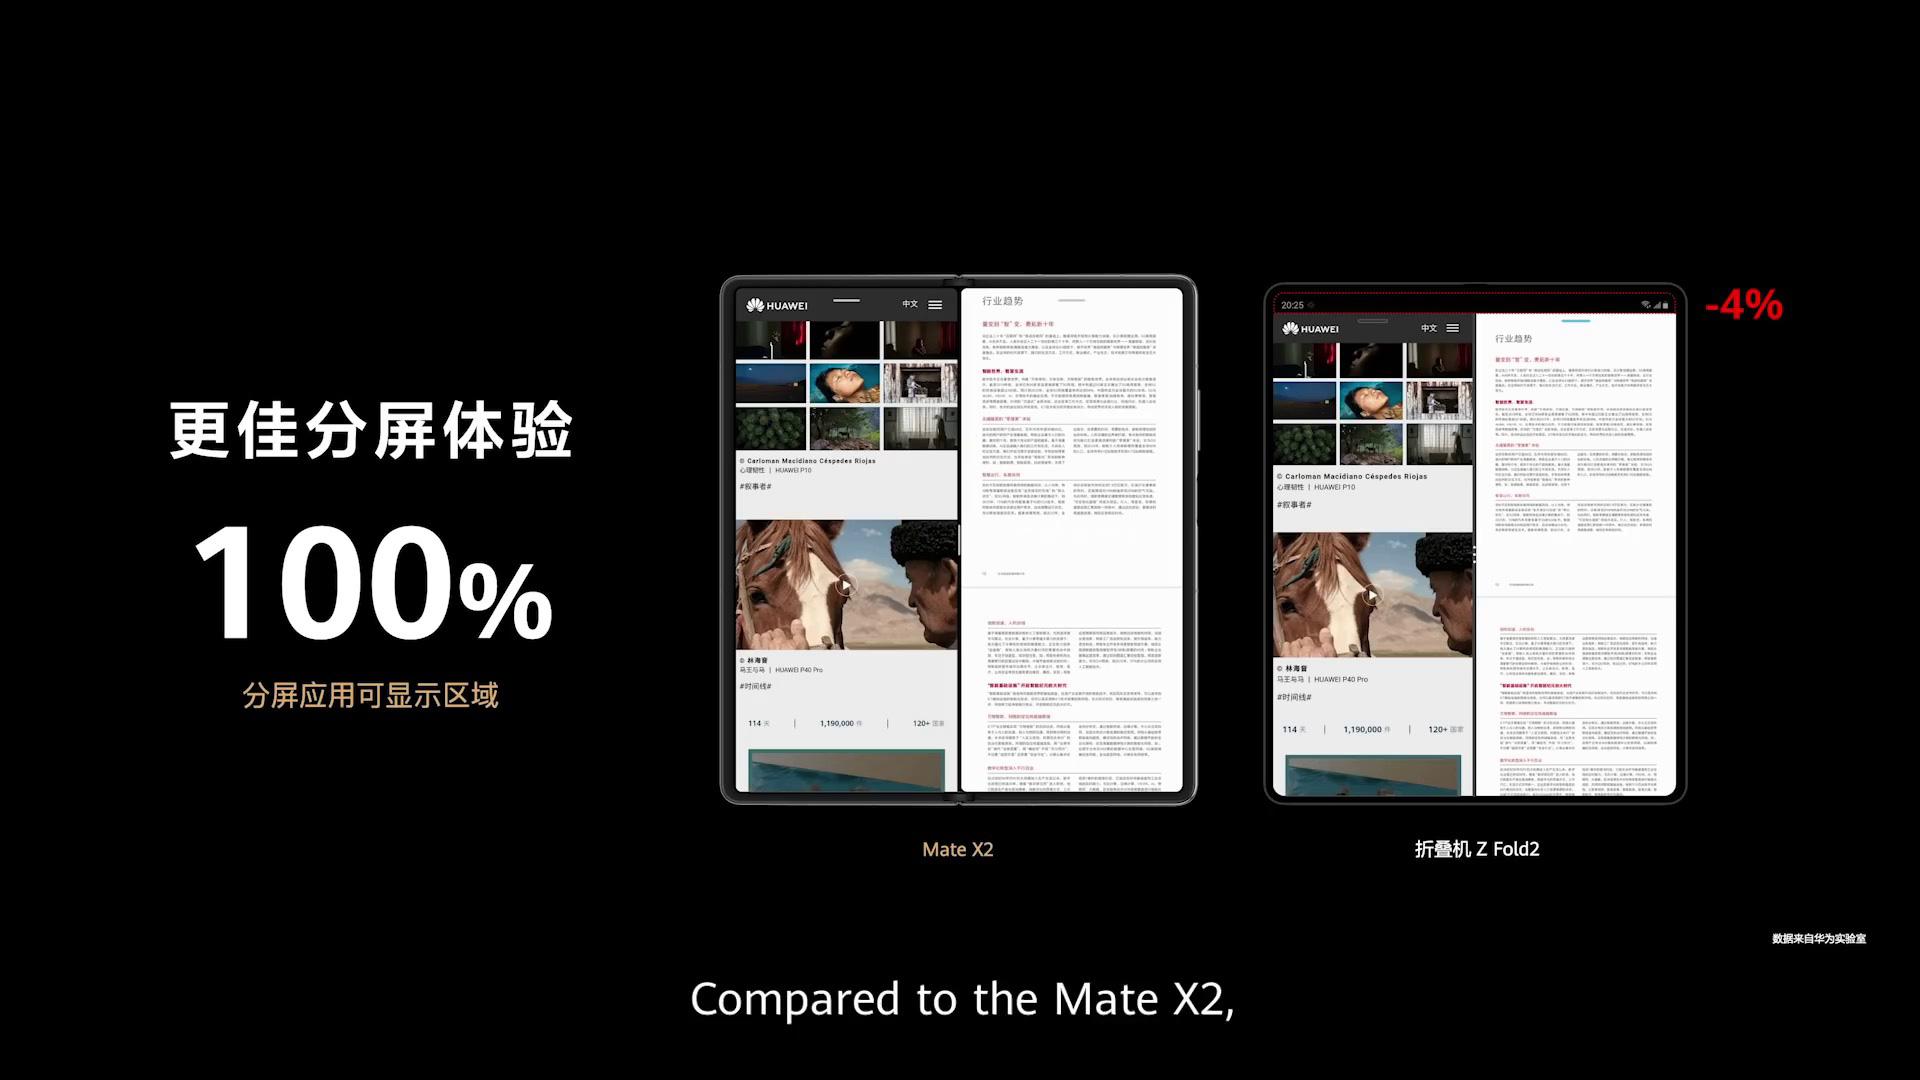 Huawei nói smartphone của mình tốt hơn Z Fold2, iPhone 12 Pro Max, Pro Display XDR, Volvo XC90... như thế nào? - Ảnh 5.